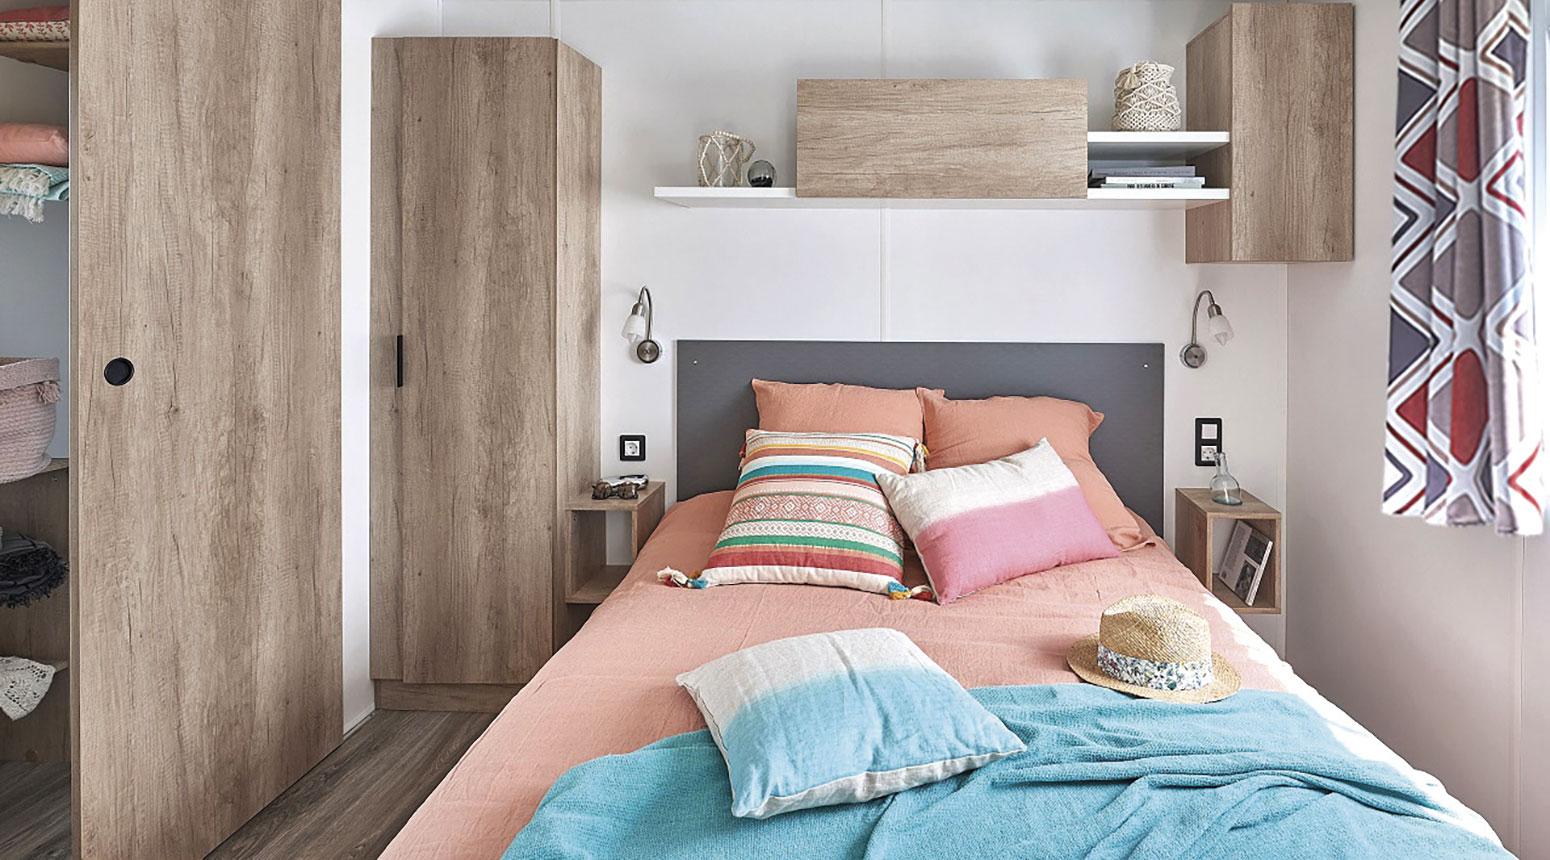 Chambre moderne avec lit double vente de mobil home Bidart Camping Le Ruisseau